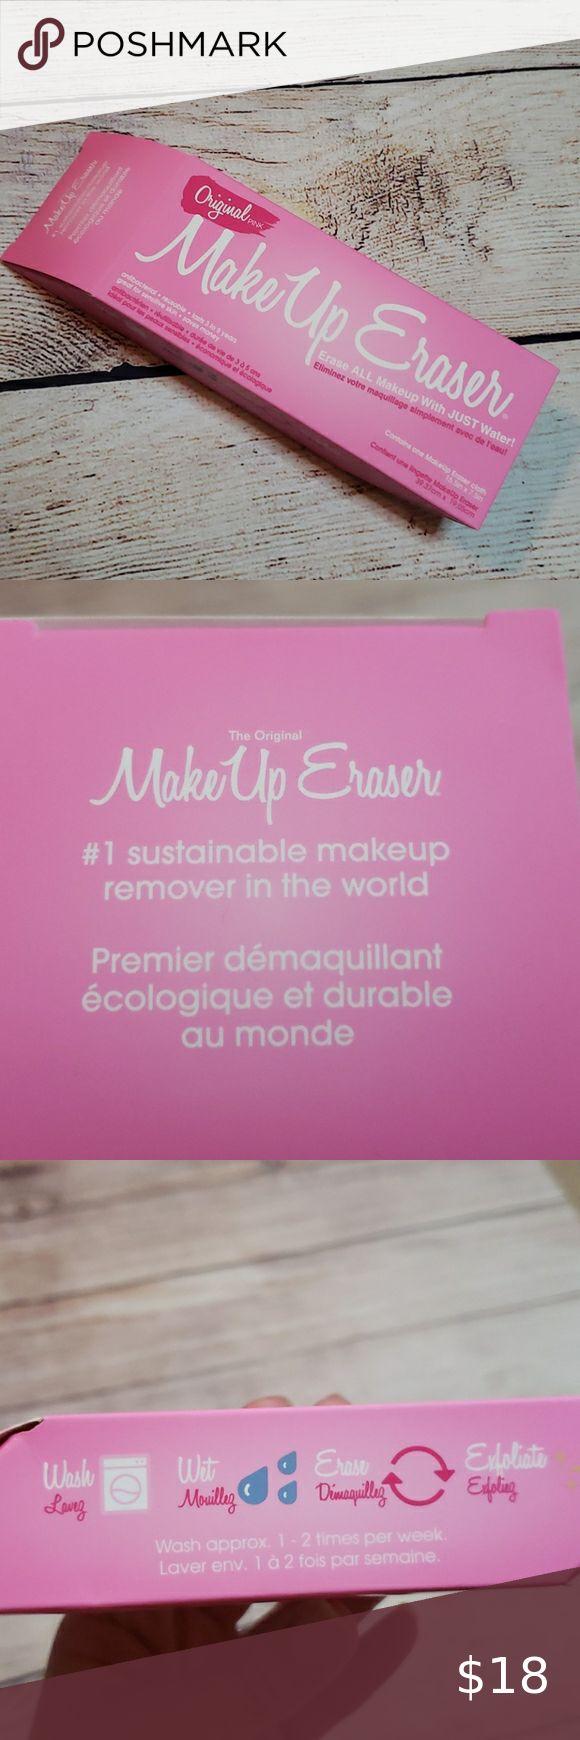 ORIGINAL MAKEUP ERASER in 2020 Makeup eraser, Makeup